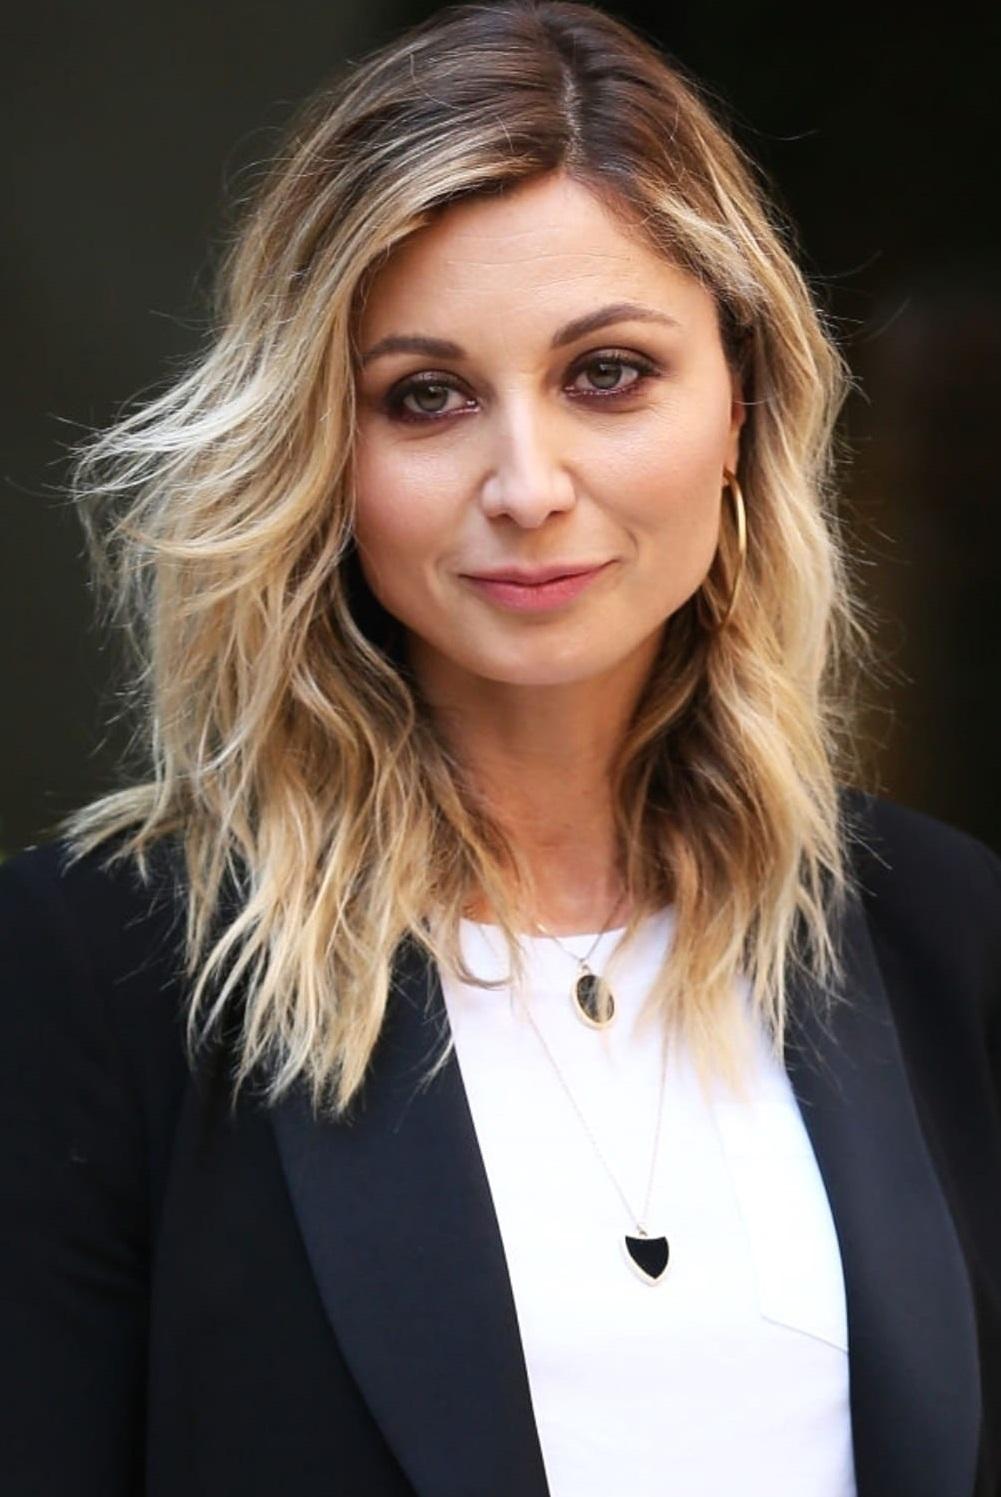 Anna Ferzetti hair